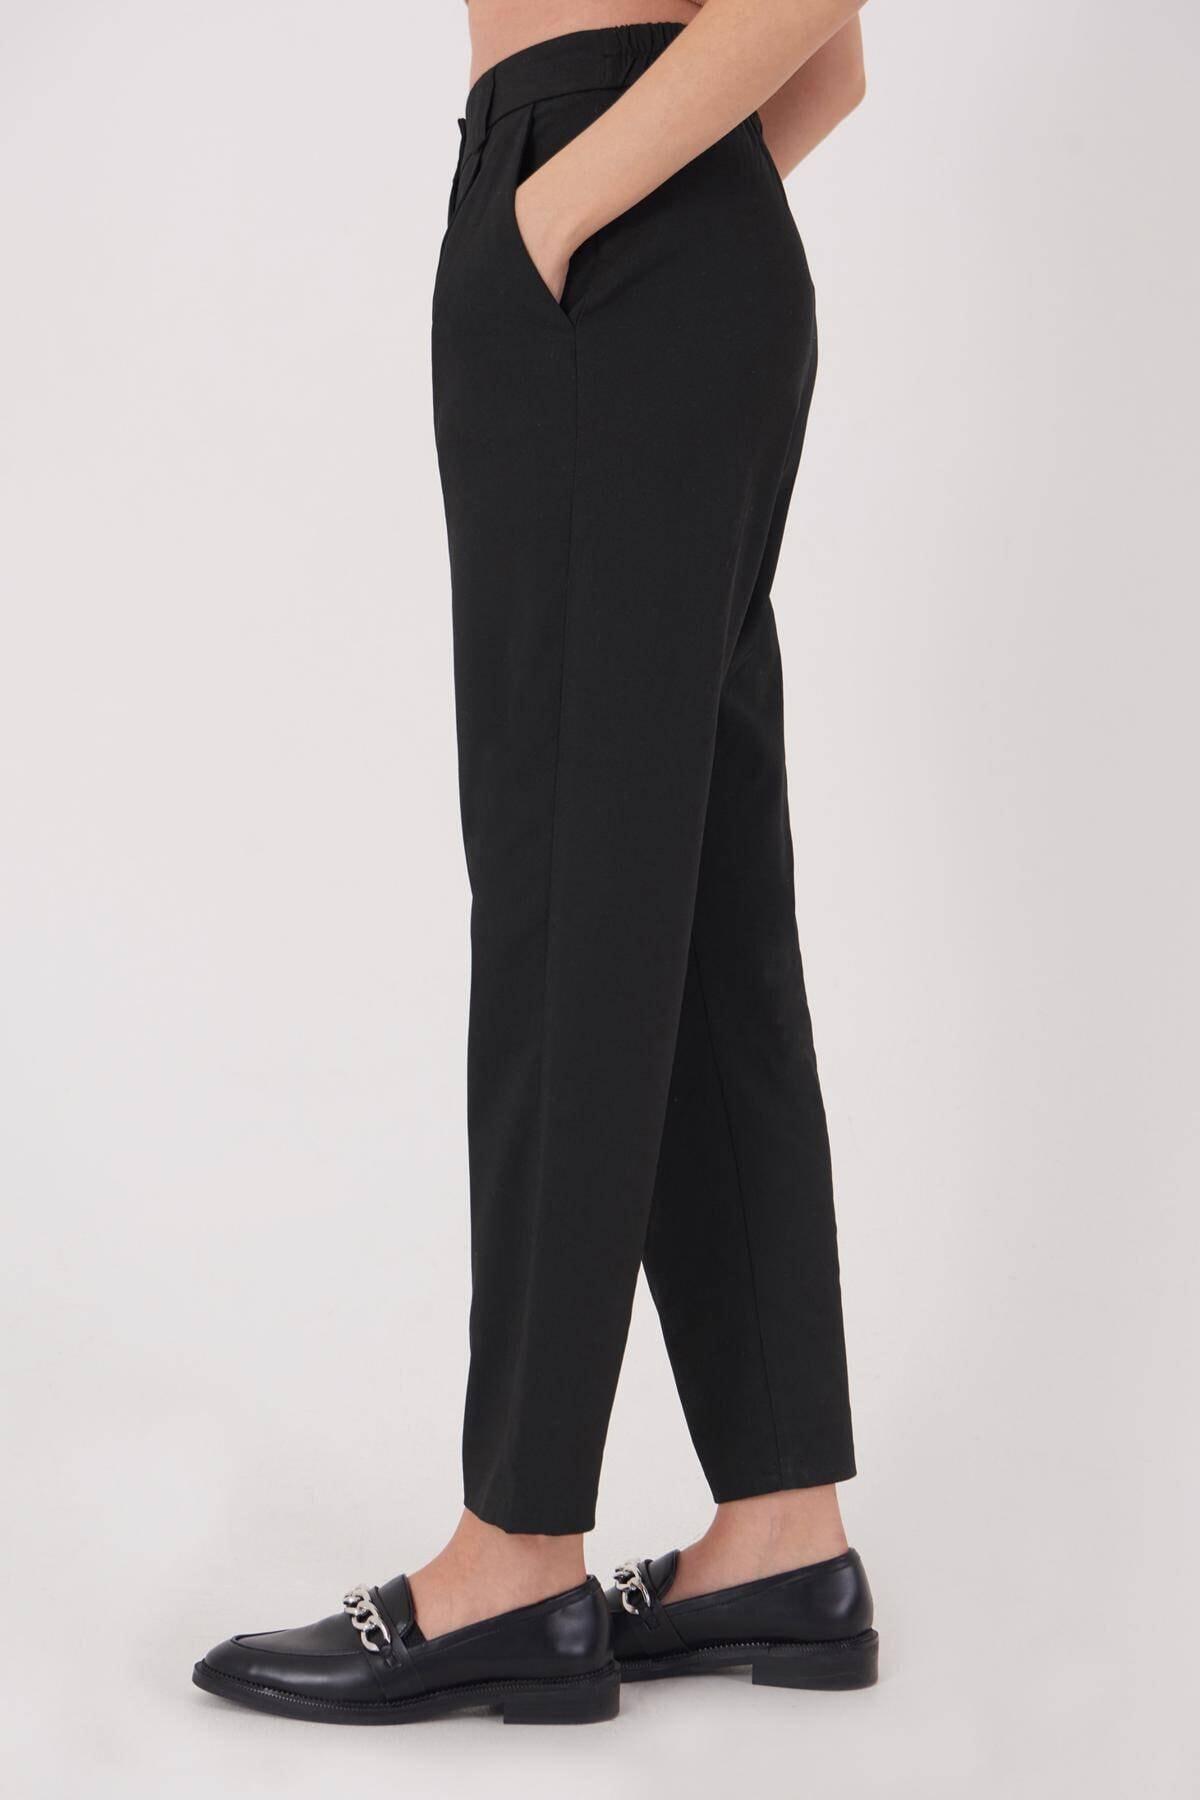 Addax Kadın Siyah Cep Detaylı Pantolon Pn8096 - E6 Adx-0000023579 3